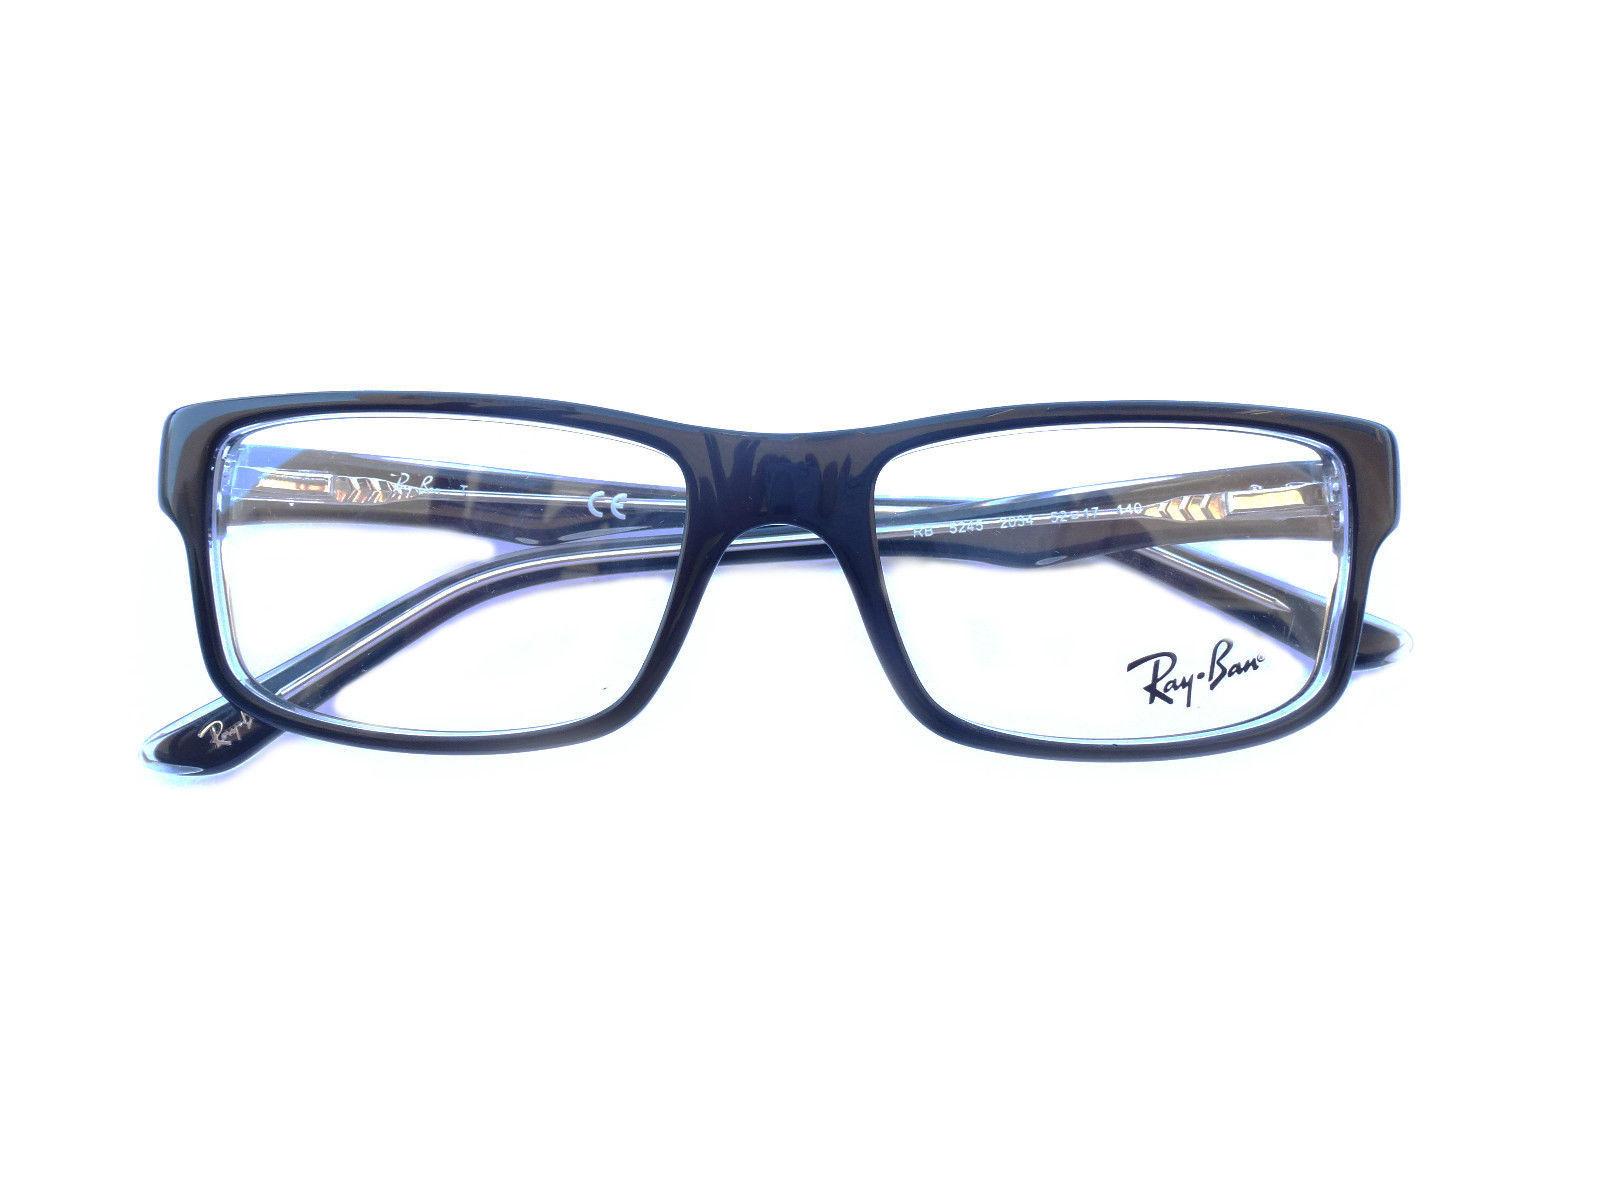 5ea11171fb Ray Ban 5283 Eyeglass Frames